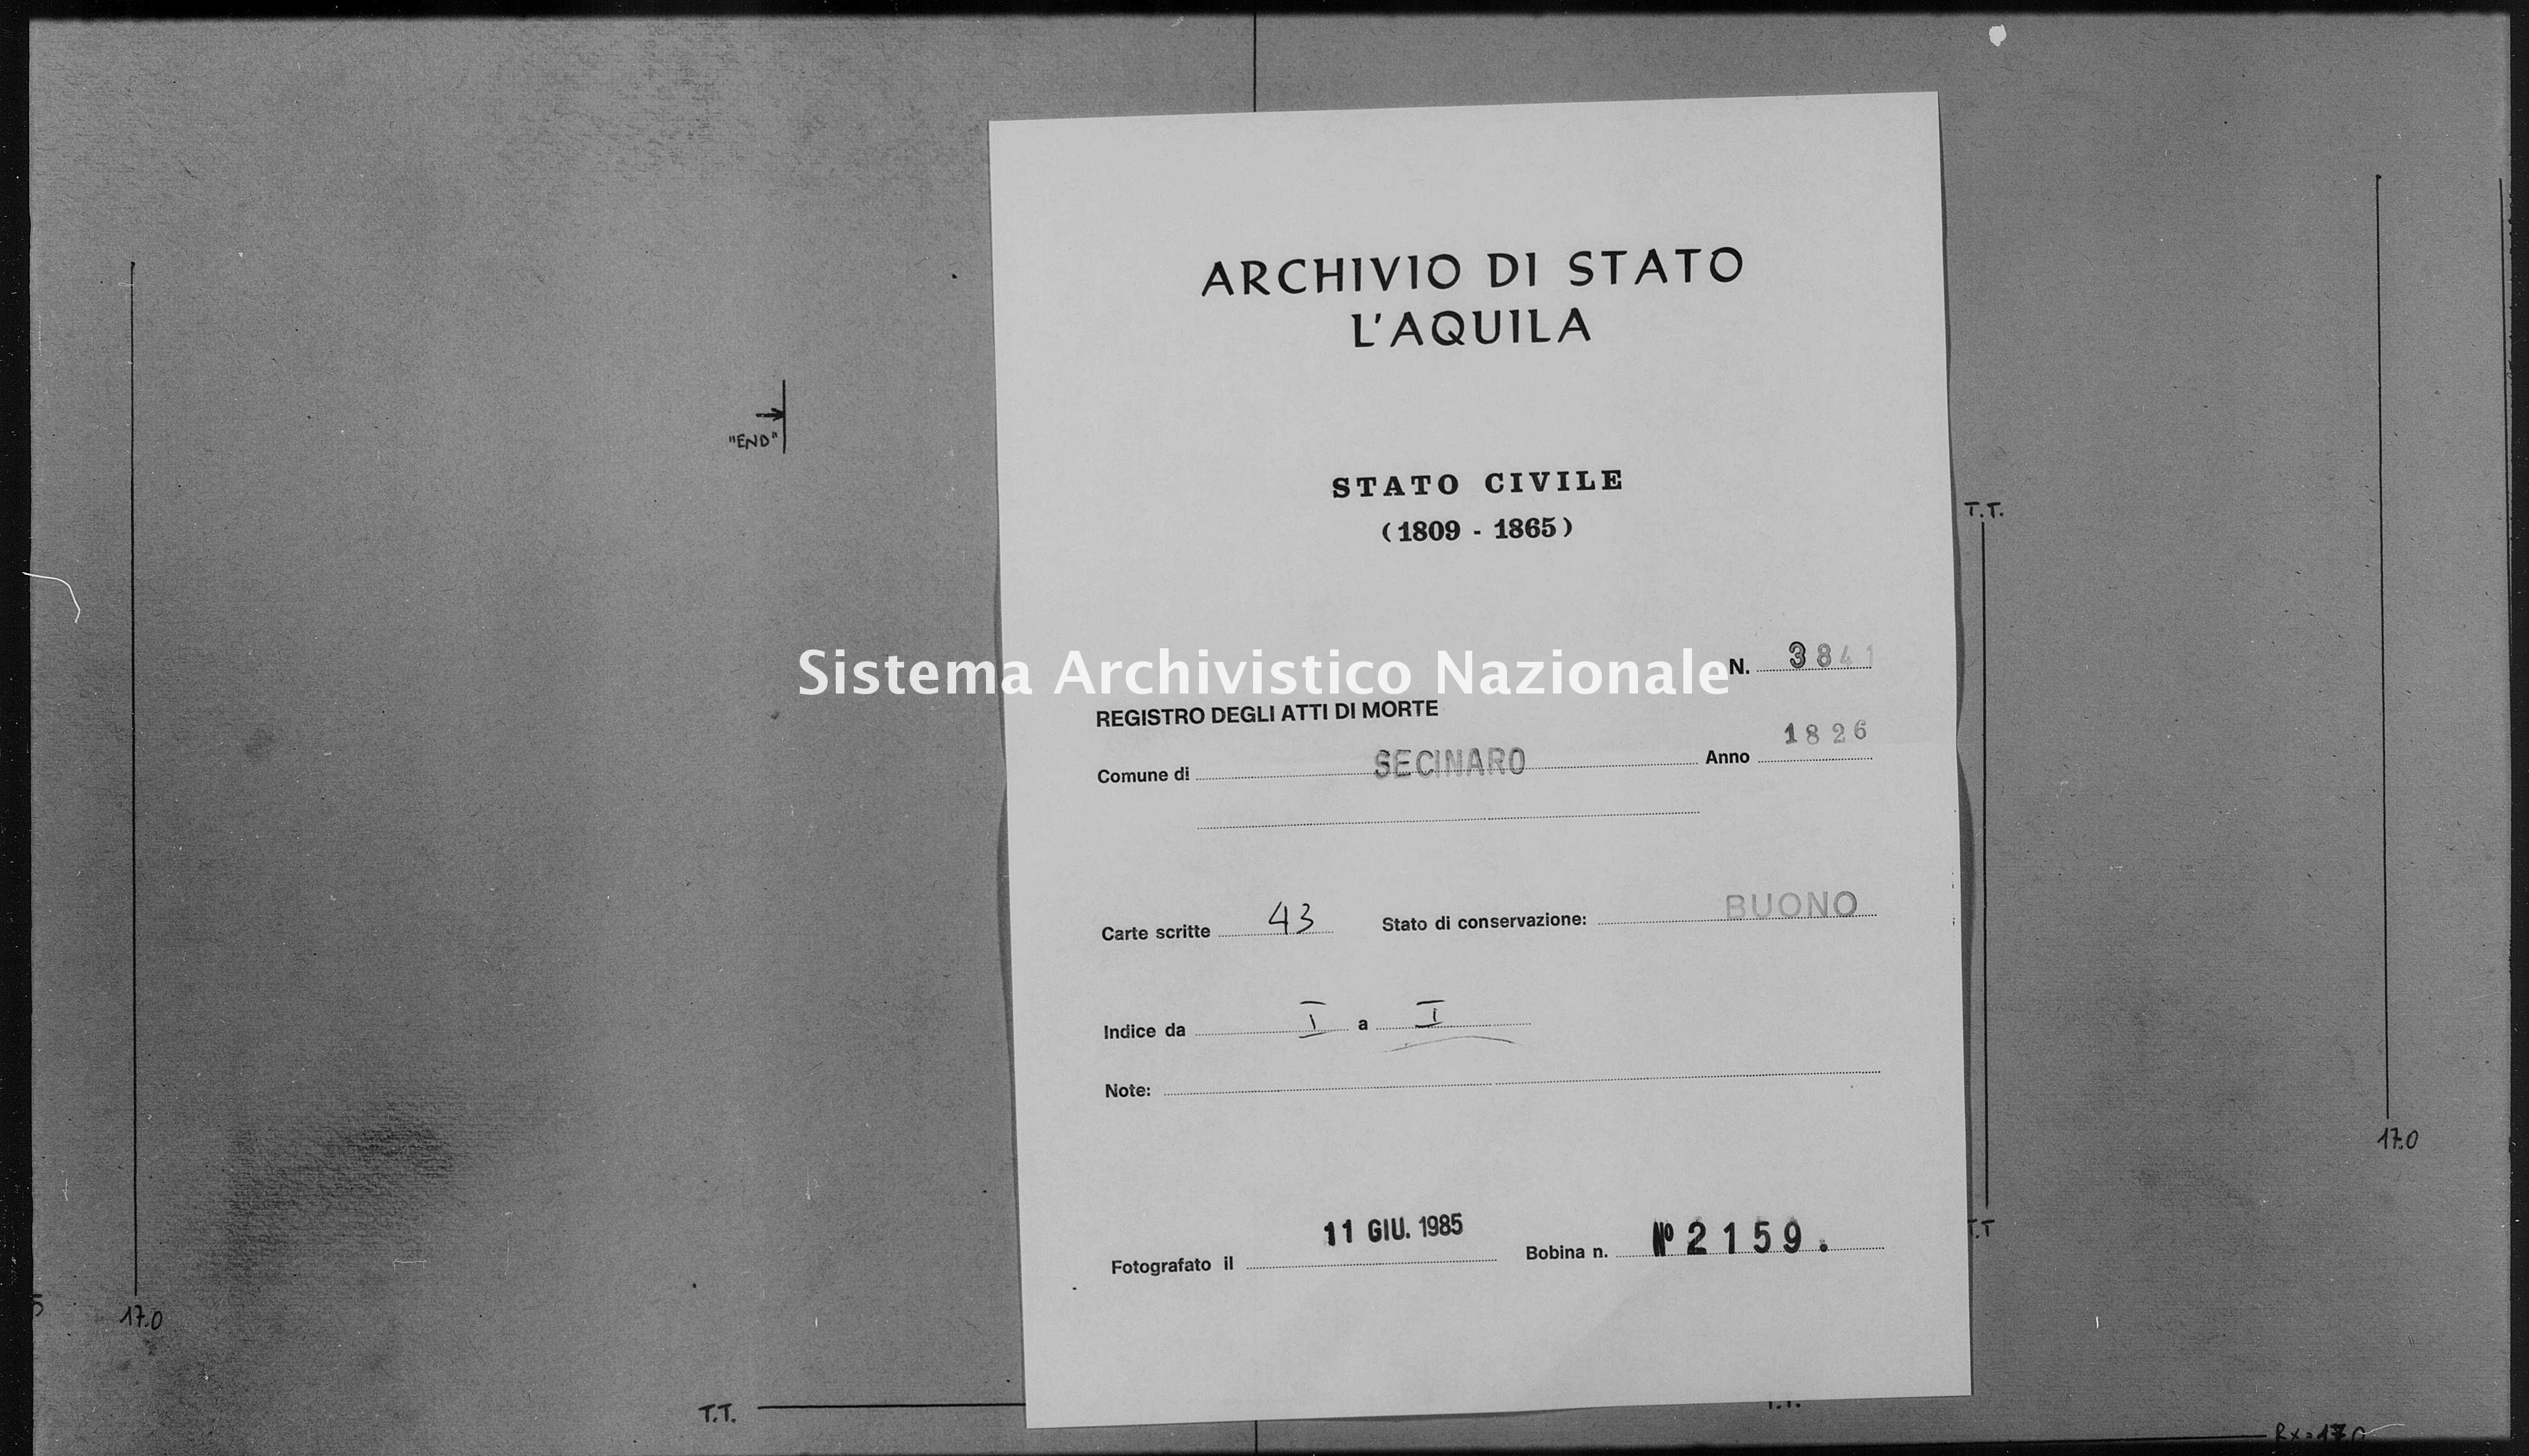 Archivio di stato di L'aquila - Stato civile della restaurazione - Secinaro - Morti - 1826 - 3841 -